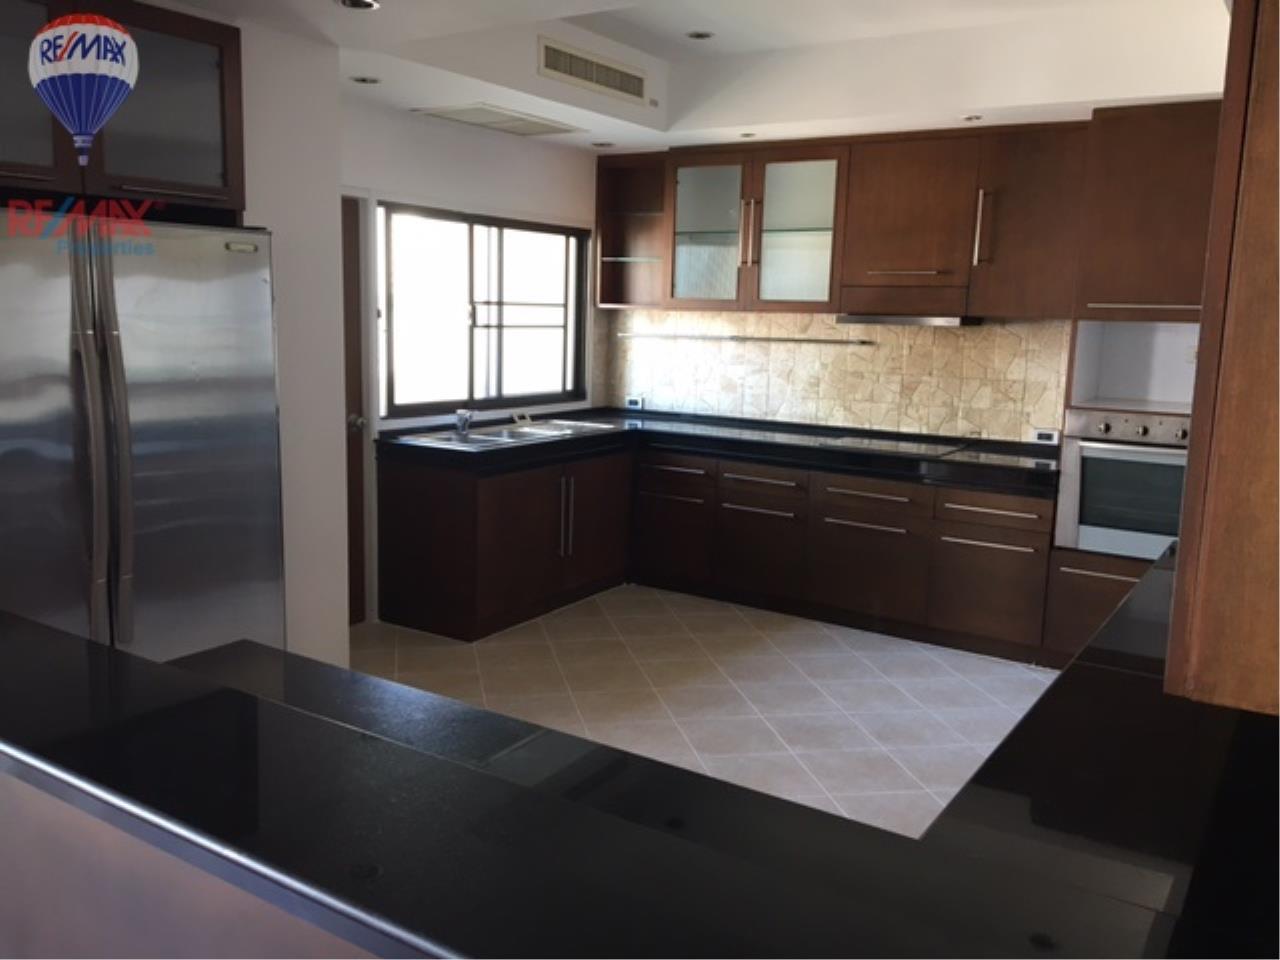 RE/MAX Properties Agency's 4 Bedroom 330 Sq.m high floor for rent in Soi 39 1